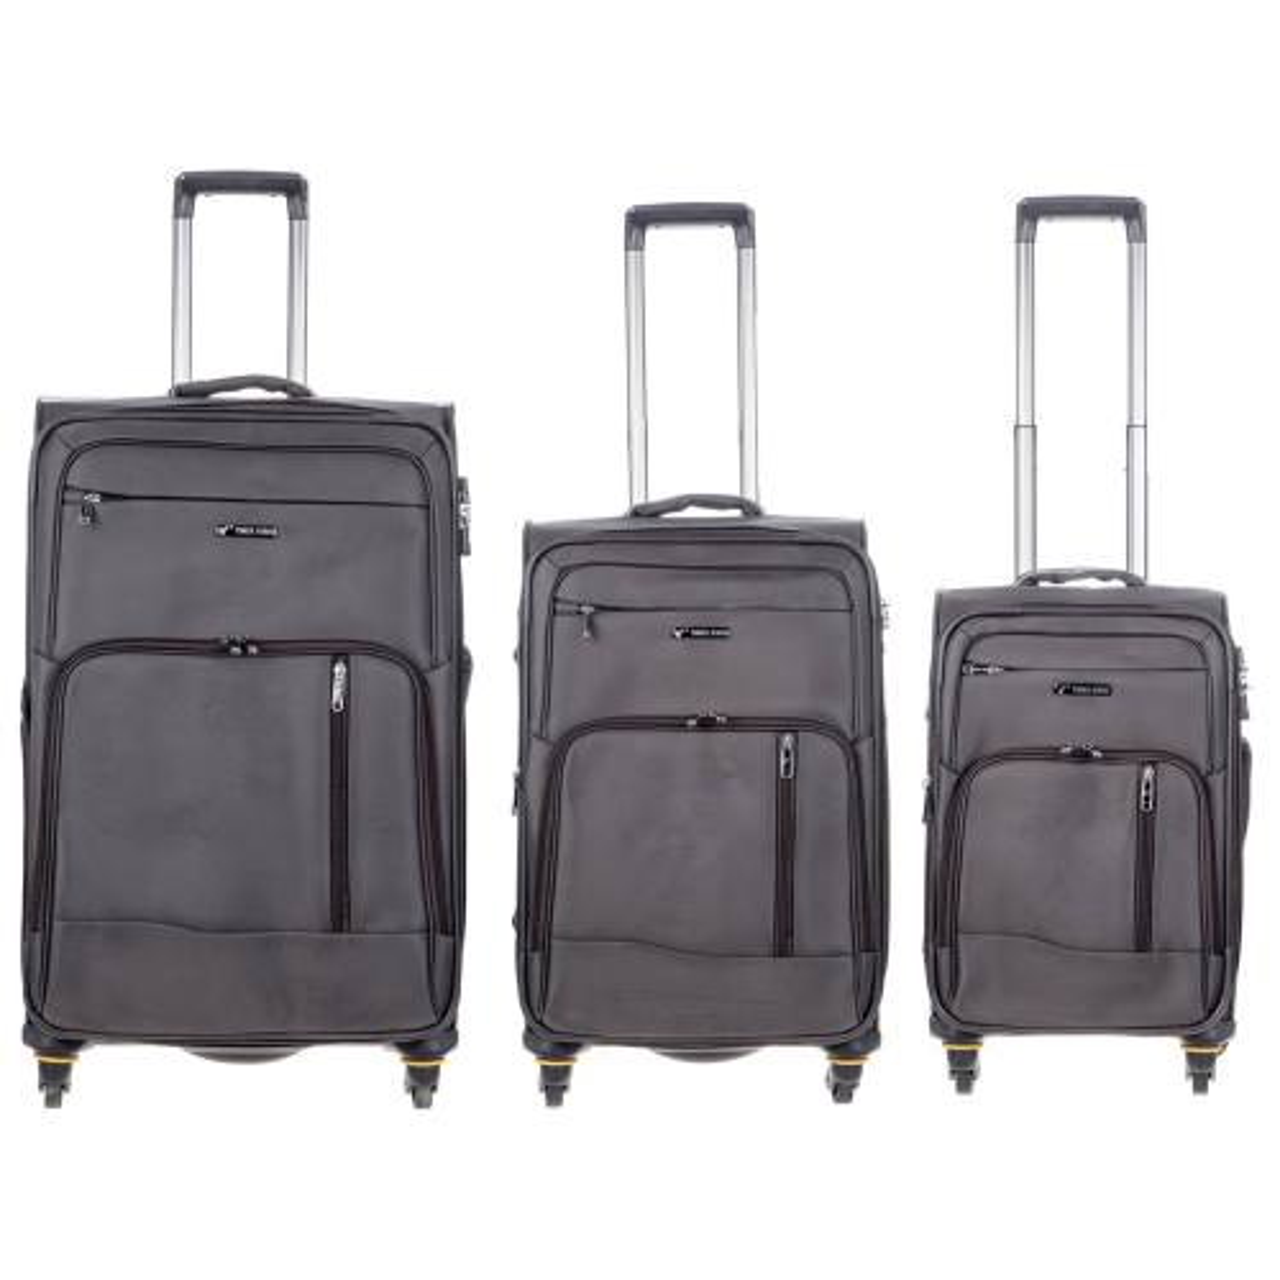 مجموعه سه عددی چمدان تری بردز مدل TB-013